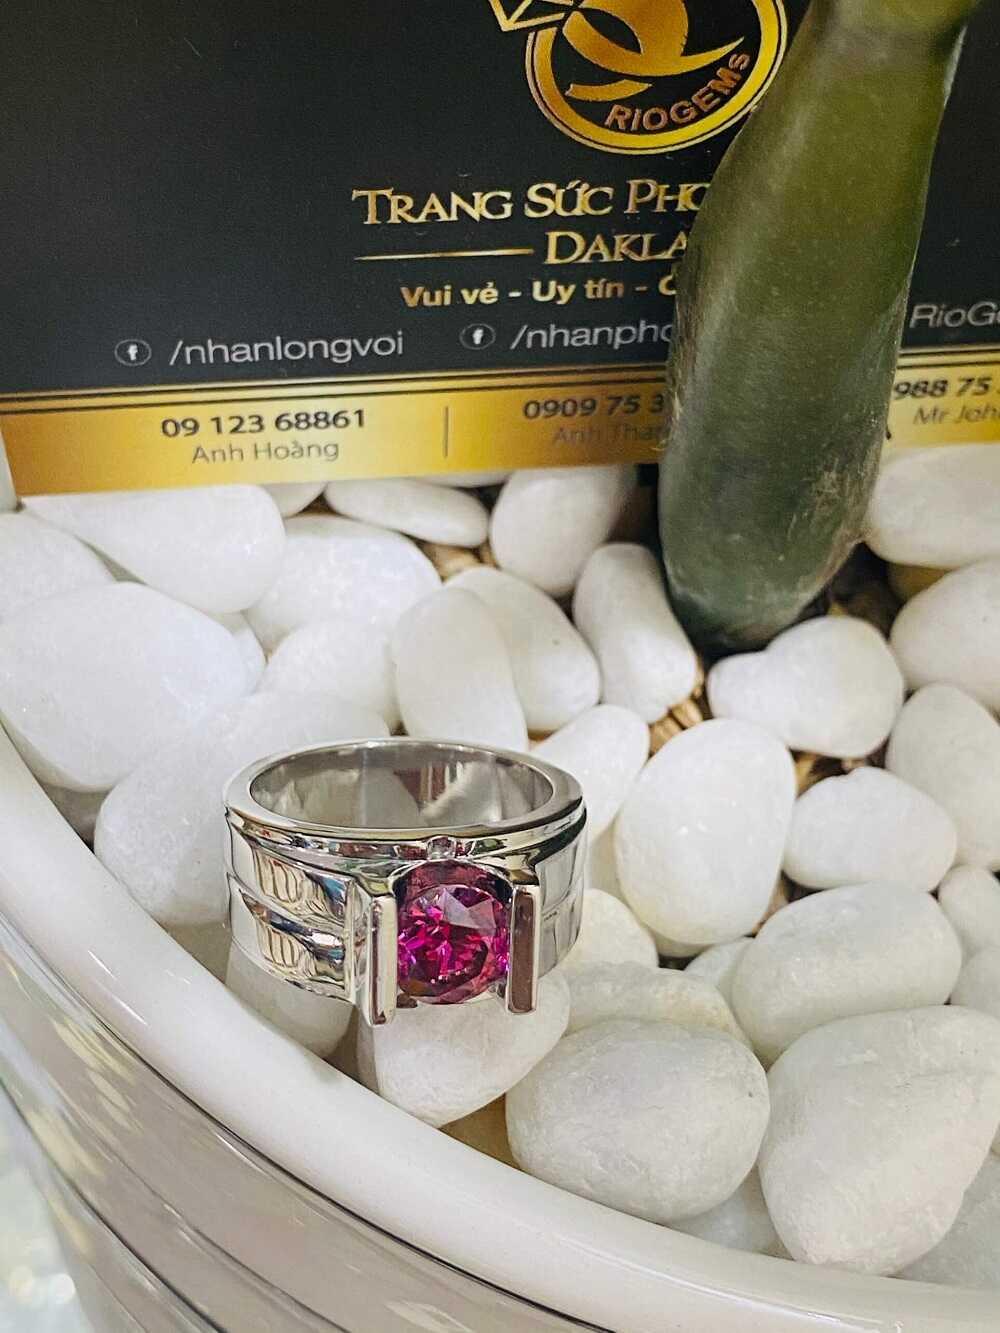 Nhẫn nam vàng trắng đính Cz đỏ (vàng 18K, đeo ngón Út) độc lạ